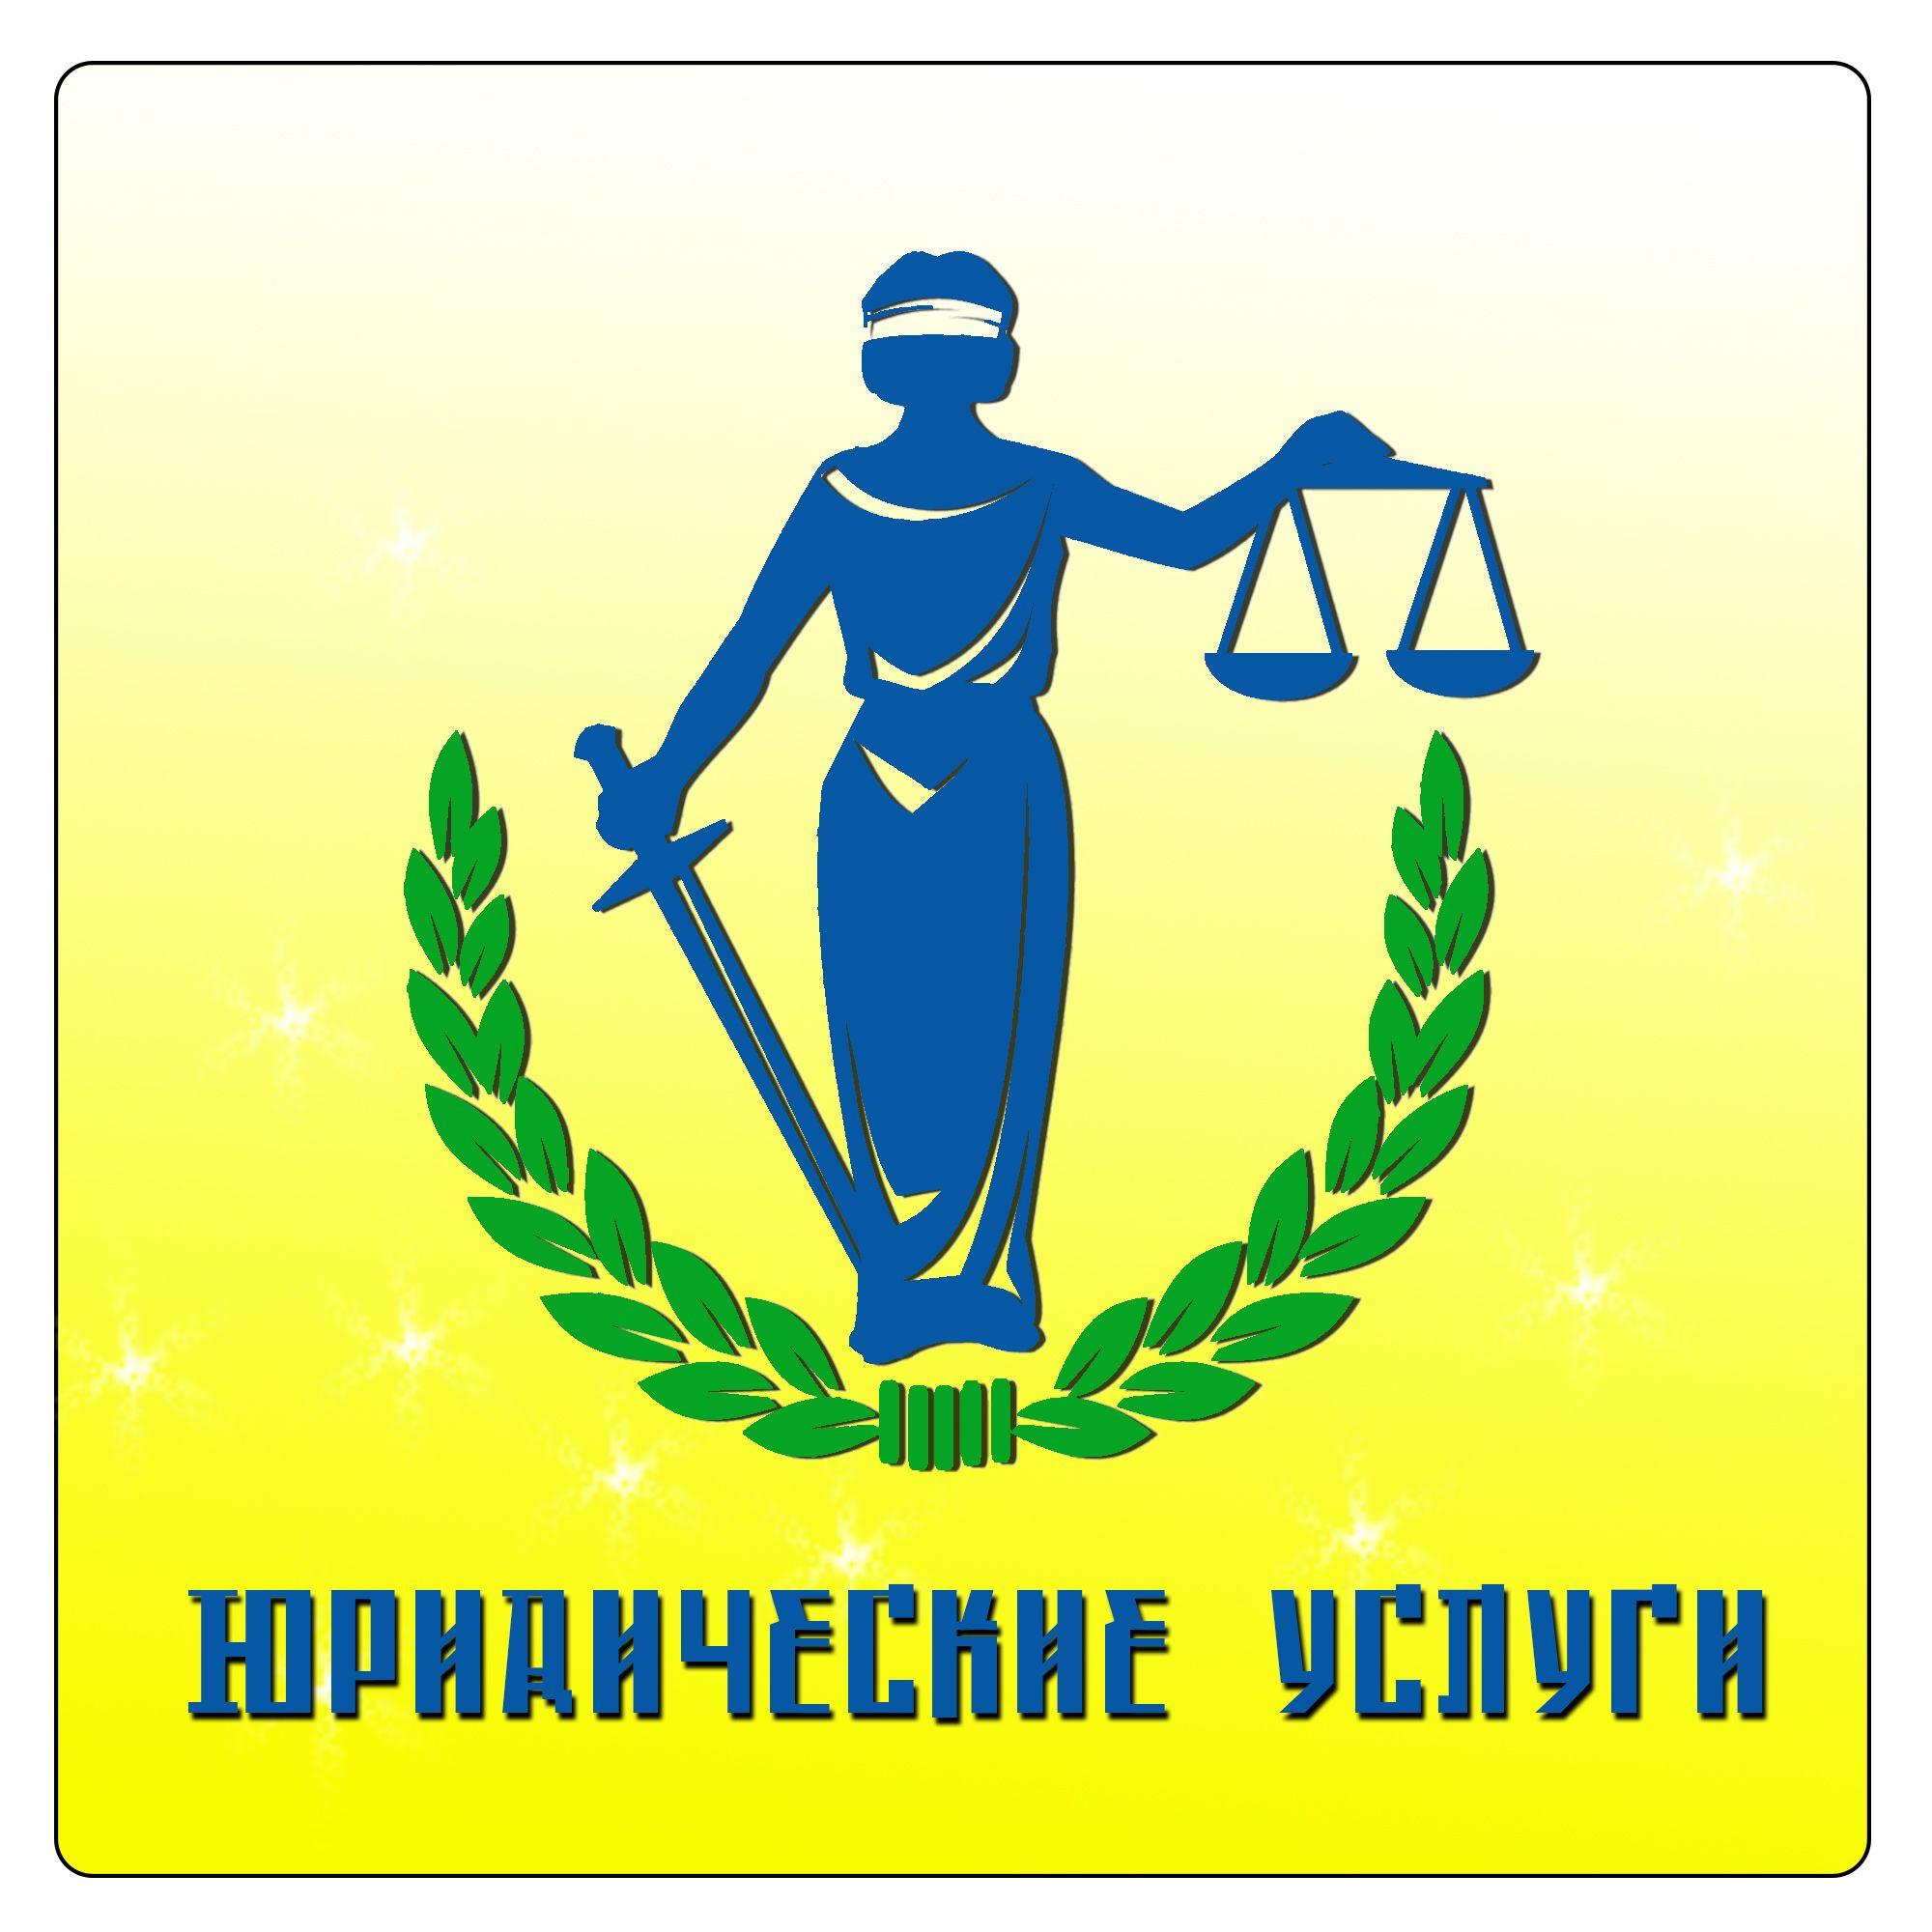 Логотип - дизайнер DenisKeyZed